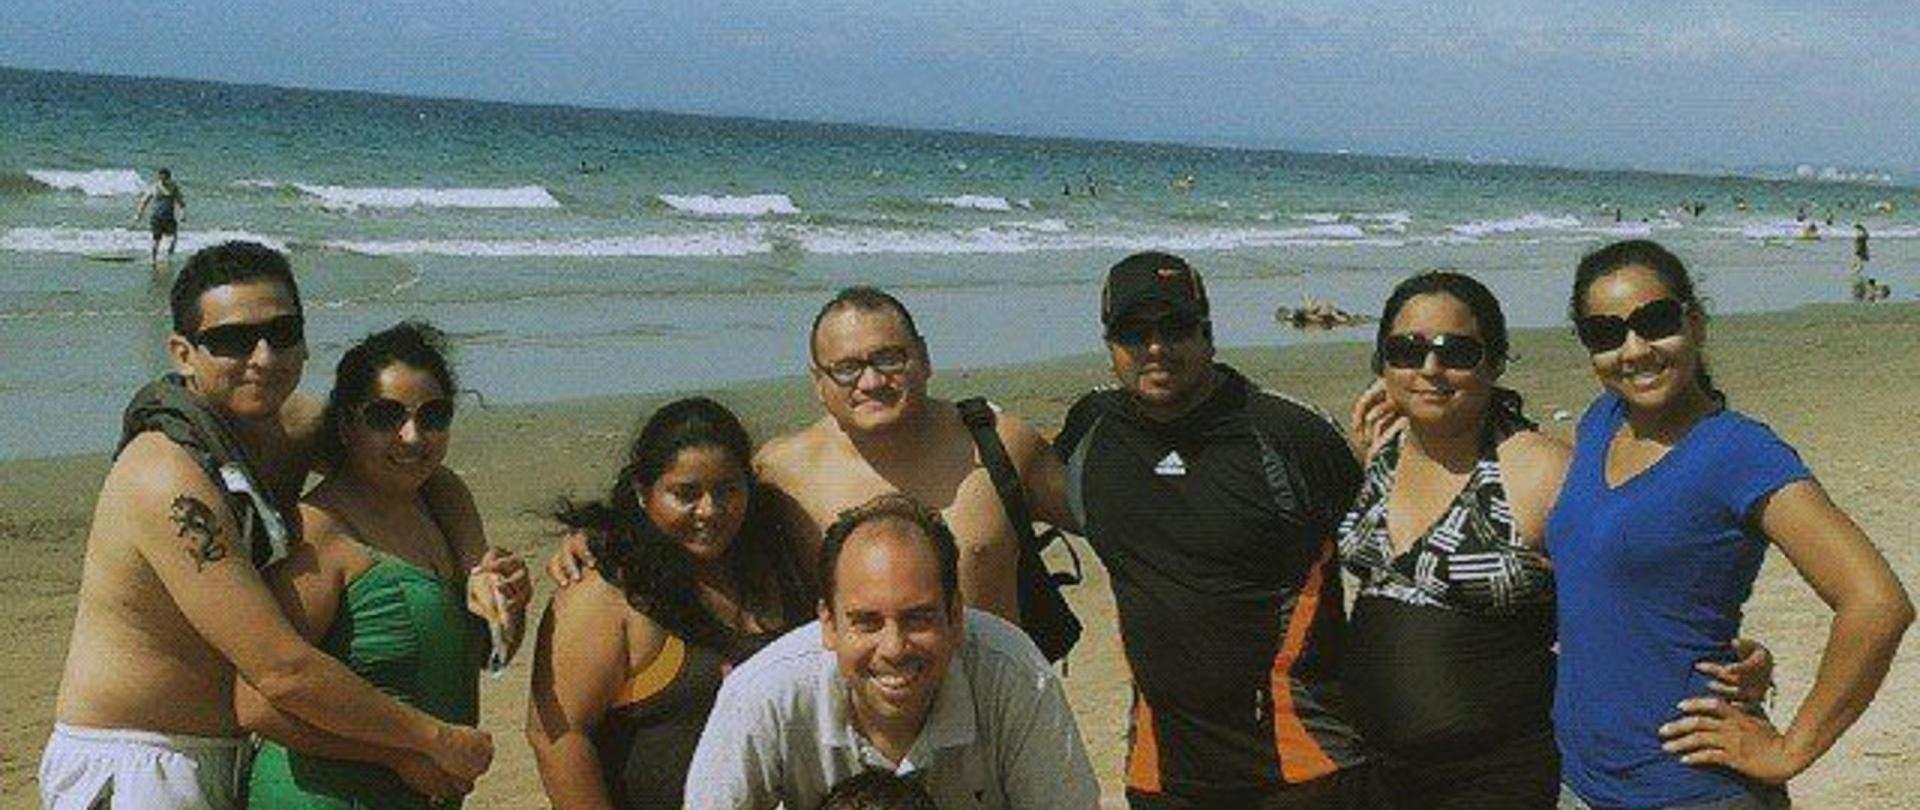 Cuando la familia y los amigos se reúnen en La Ideota, las salidas a la playa son más divertidas